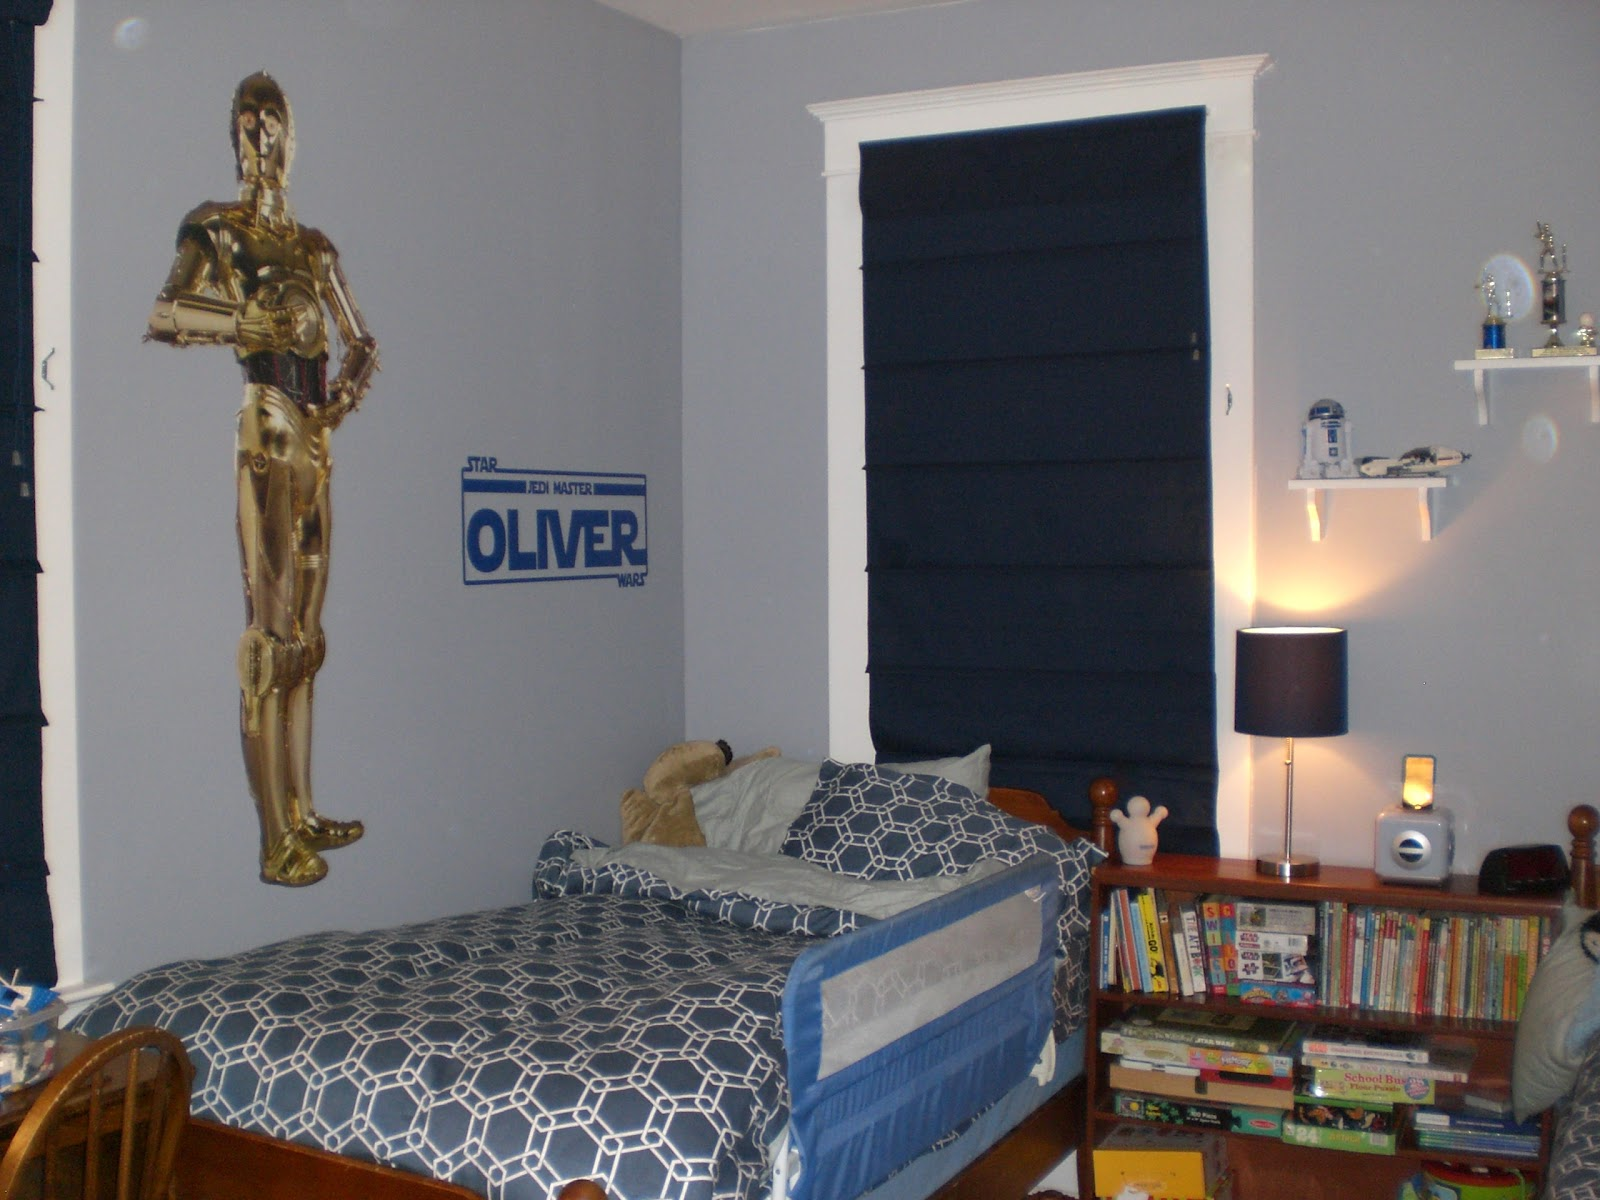 boys bedroom messy  wallpress 1080p hd desktop